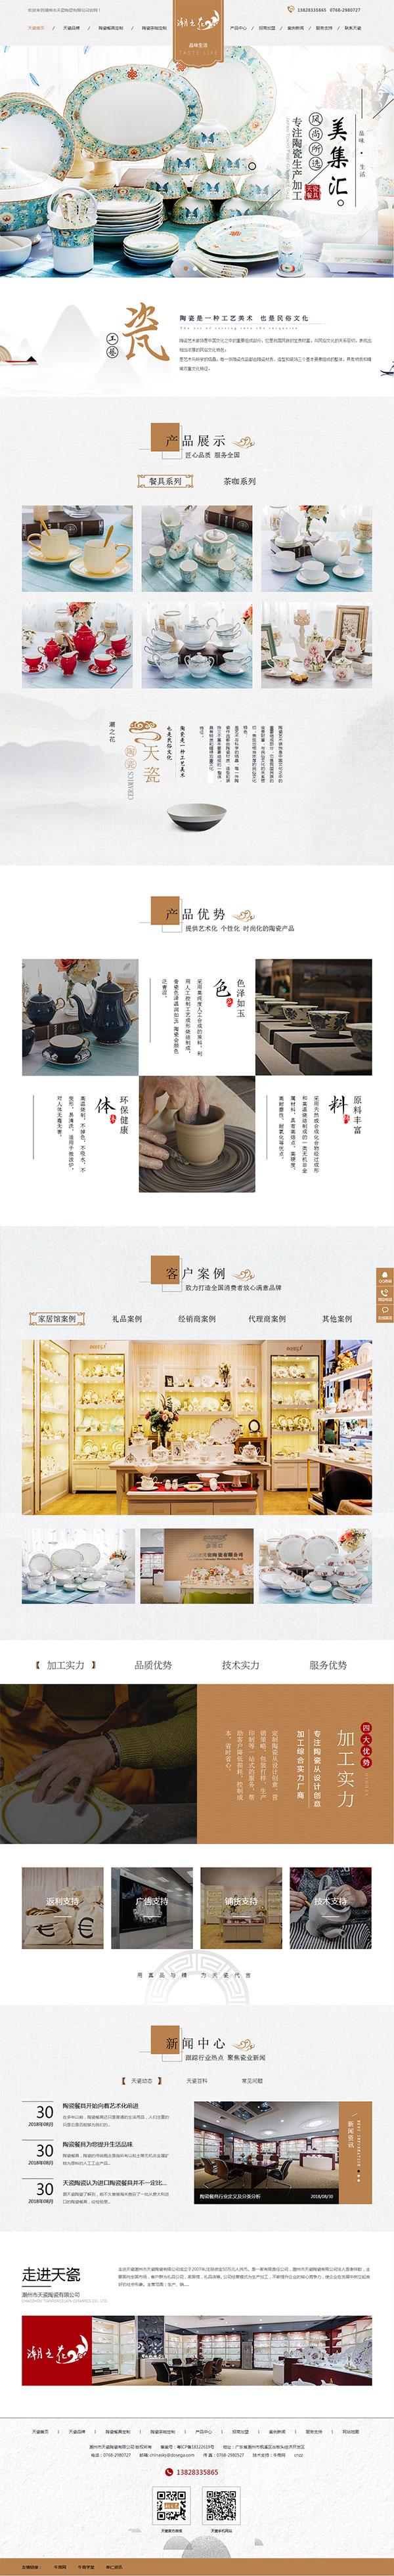 潮州天瓷陶瓷-营销型最新注册就送38彩金首页